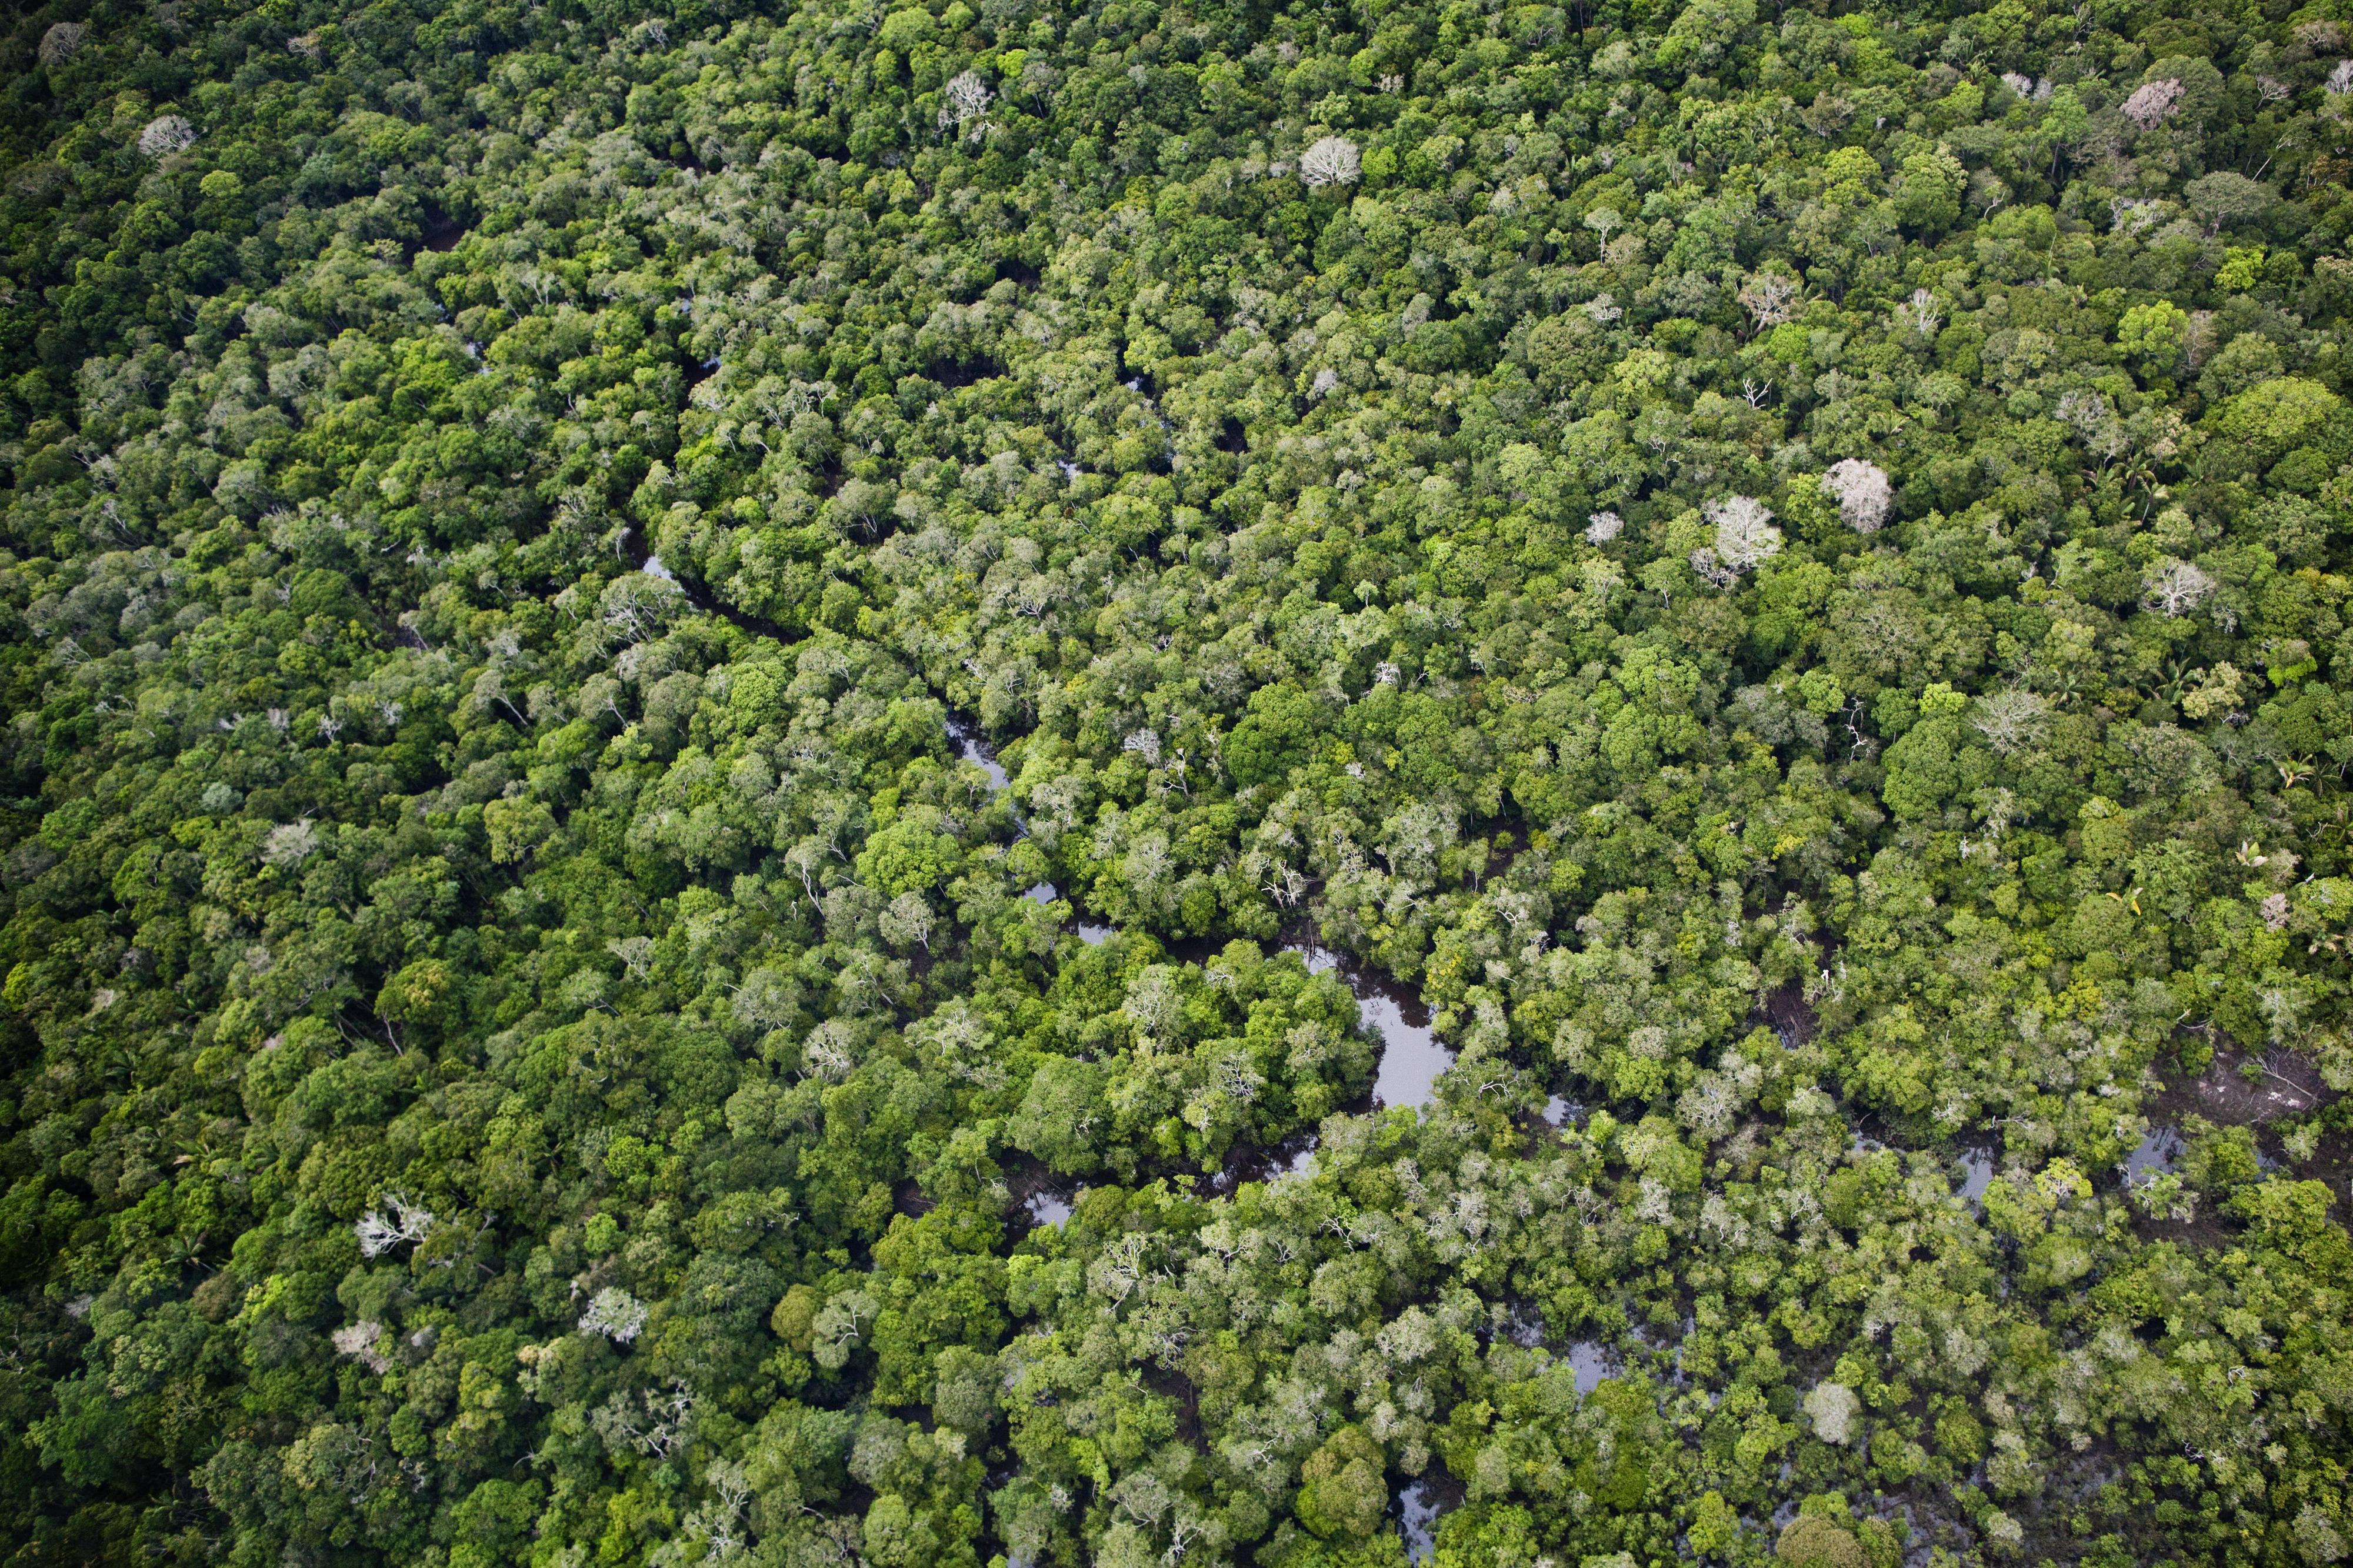 Luftaufnahme des Regenwaldes im Nationalpark Anavilhanas in Manaus, Brasilien